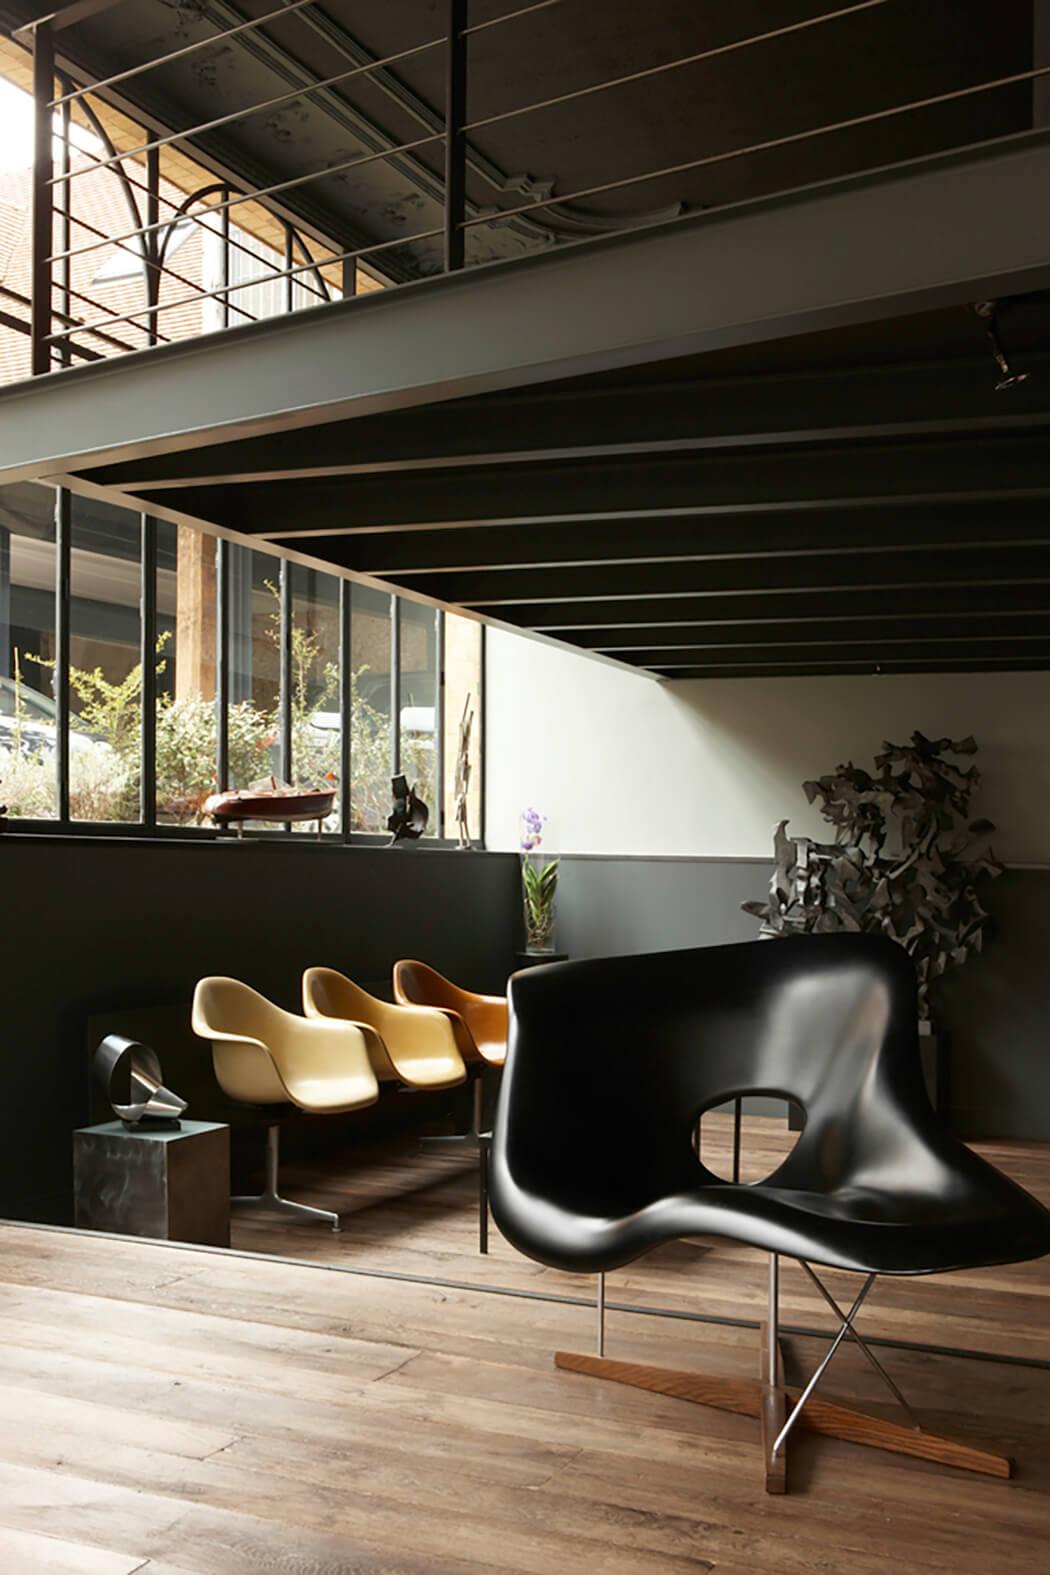 création d'un showroom haut de gamme avec mezzanine typique d'un loft